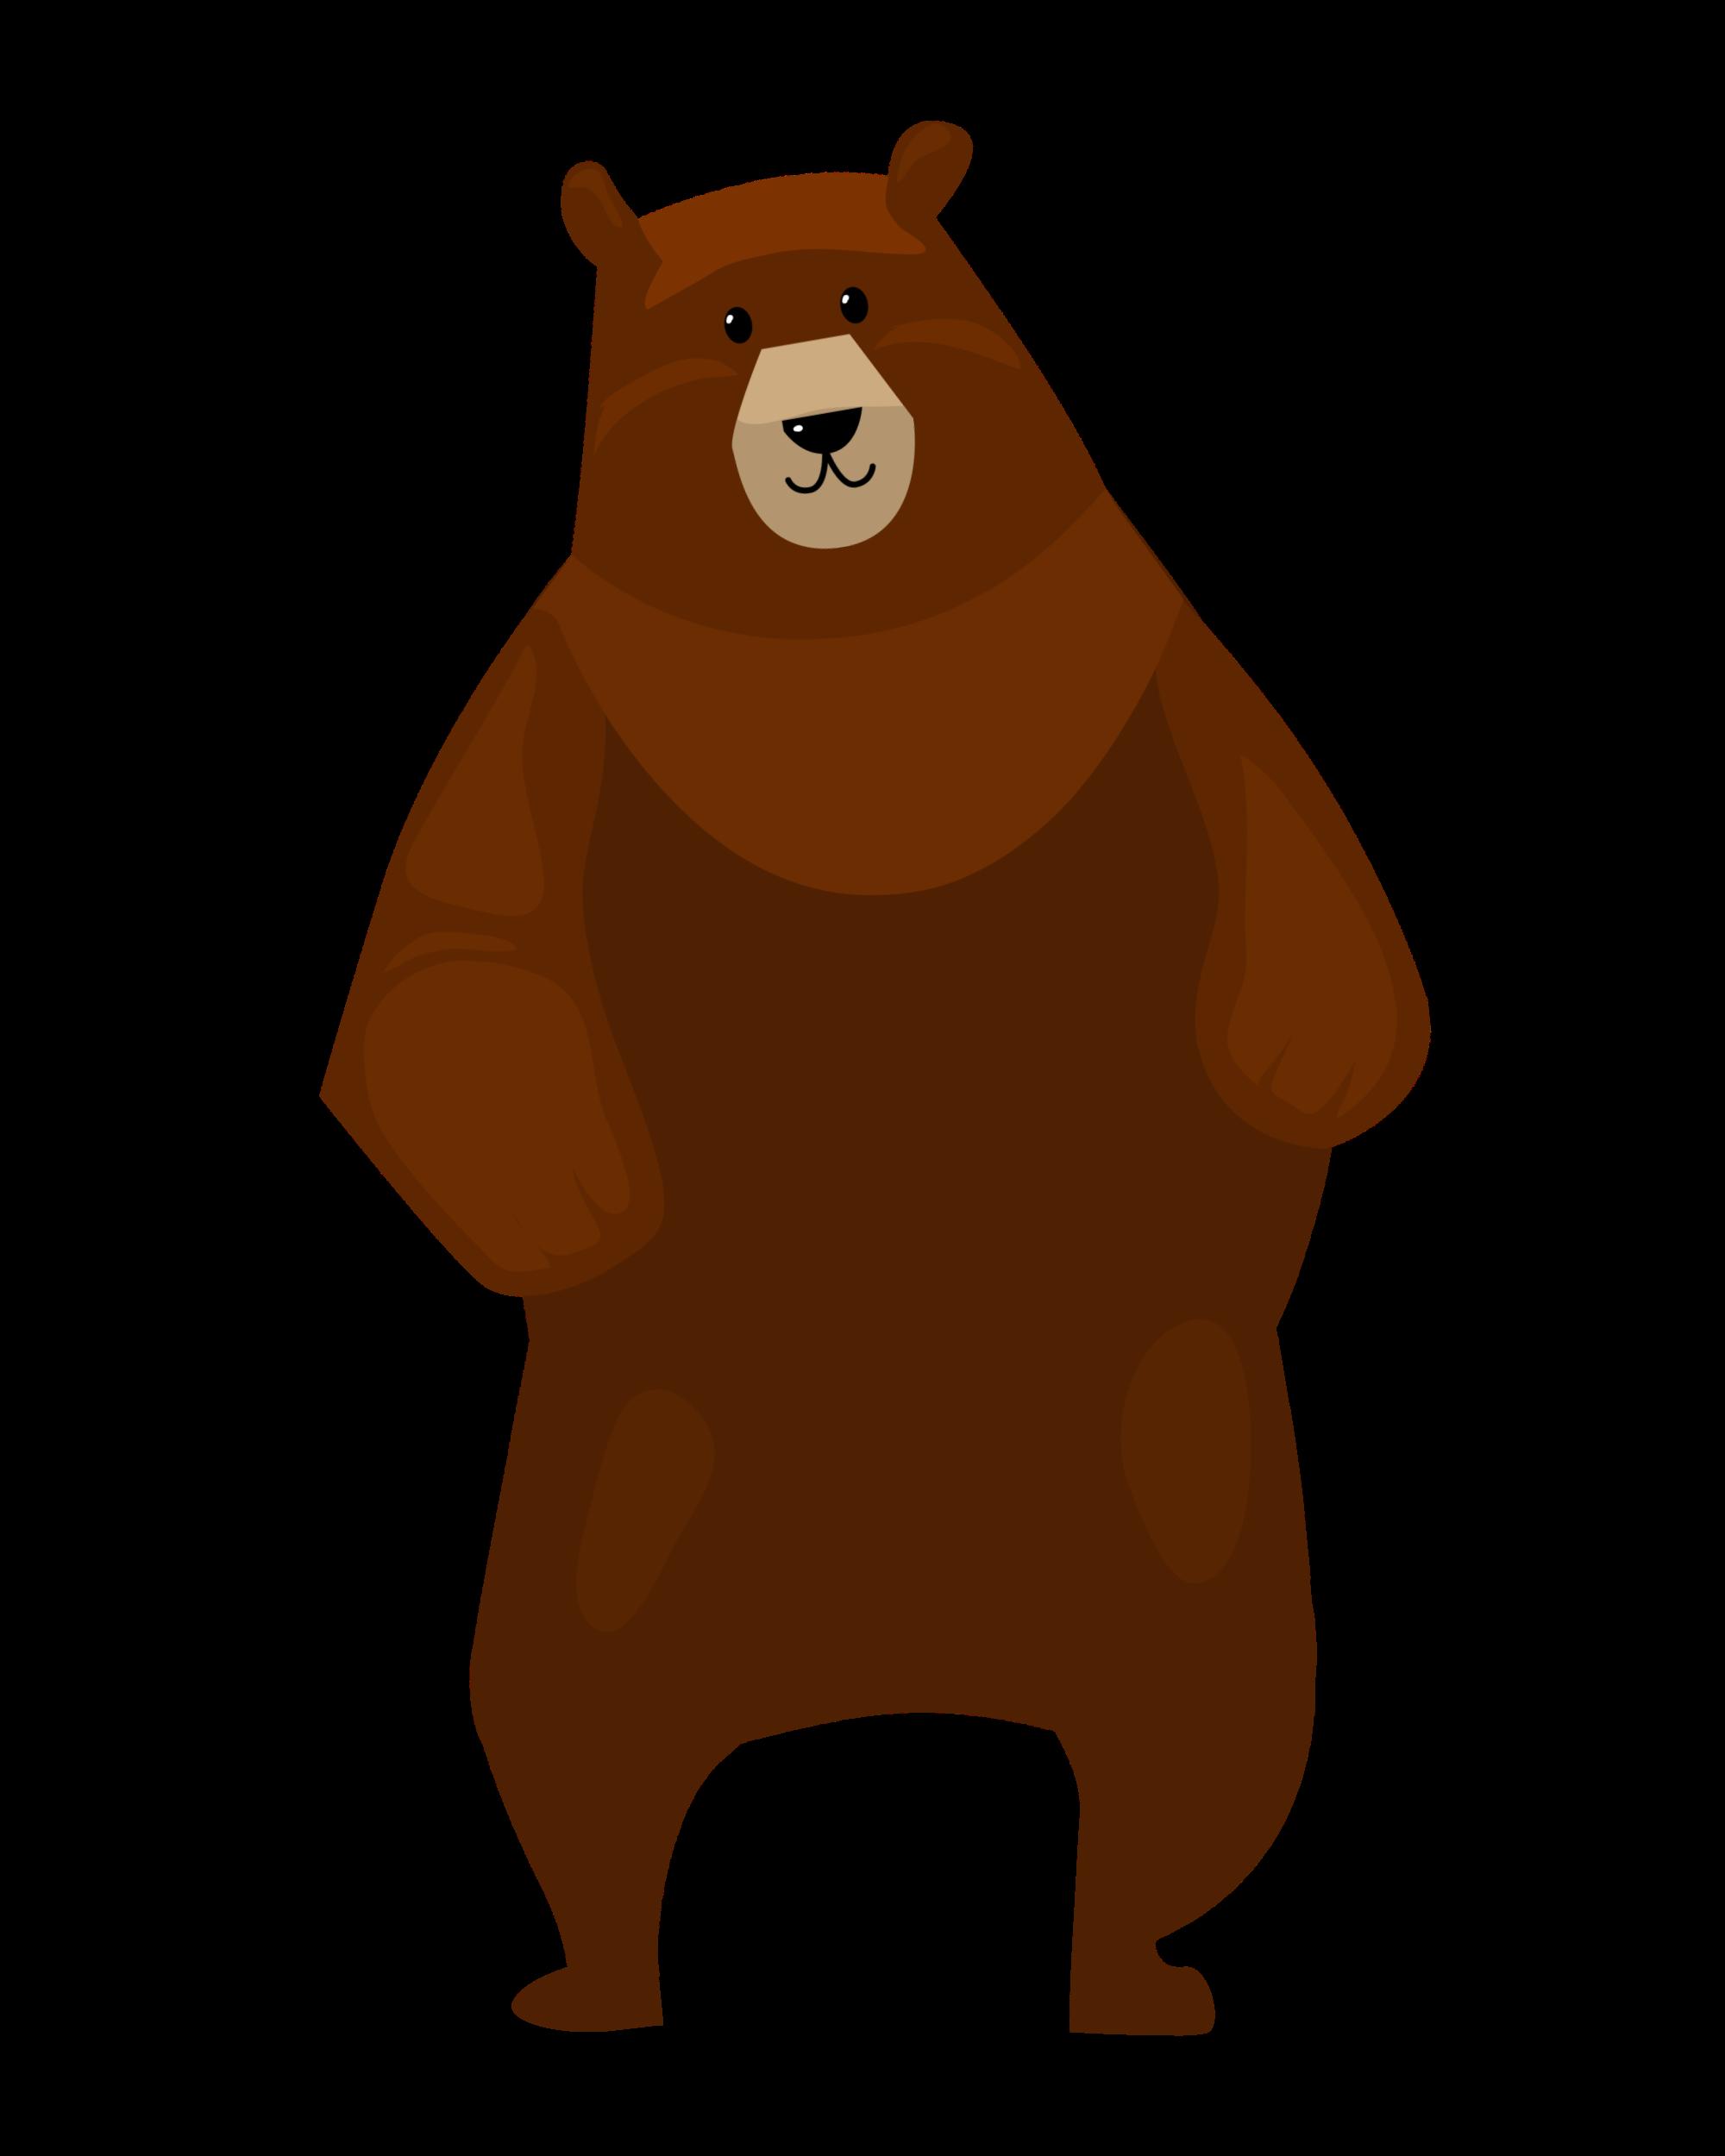 Brauner Tanzbär